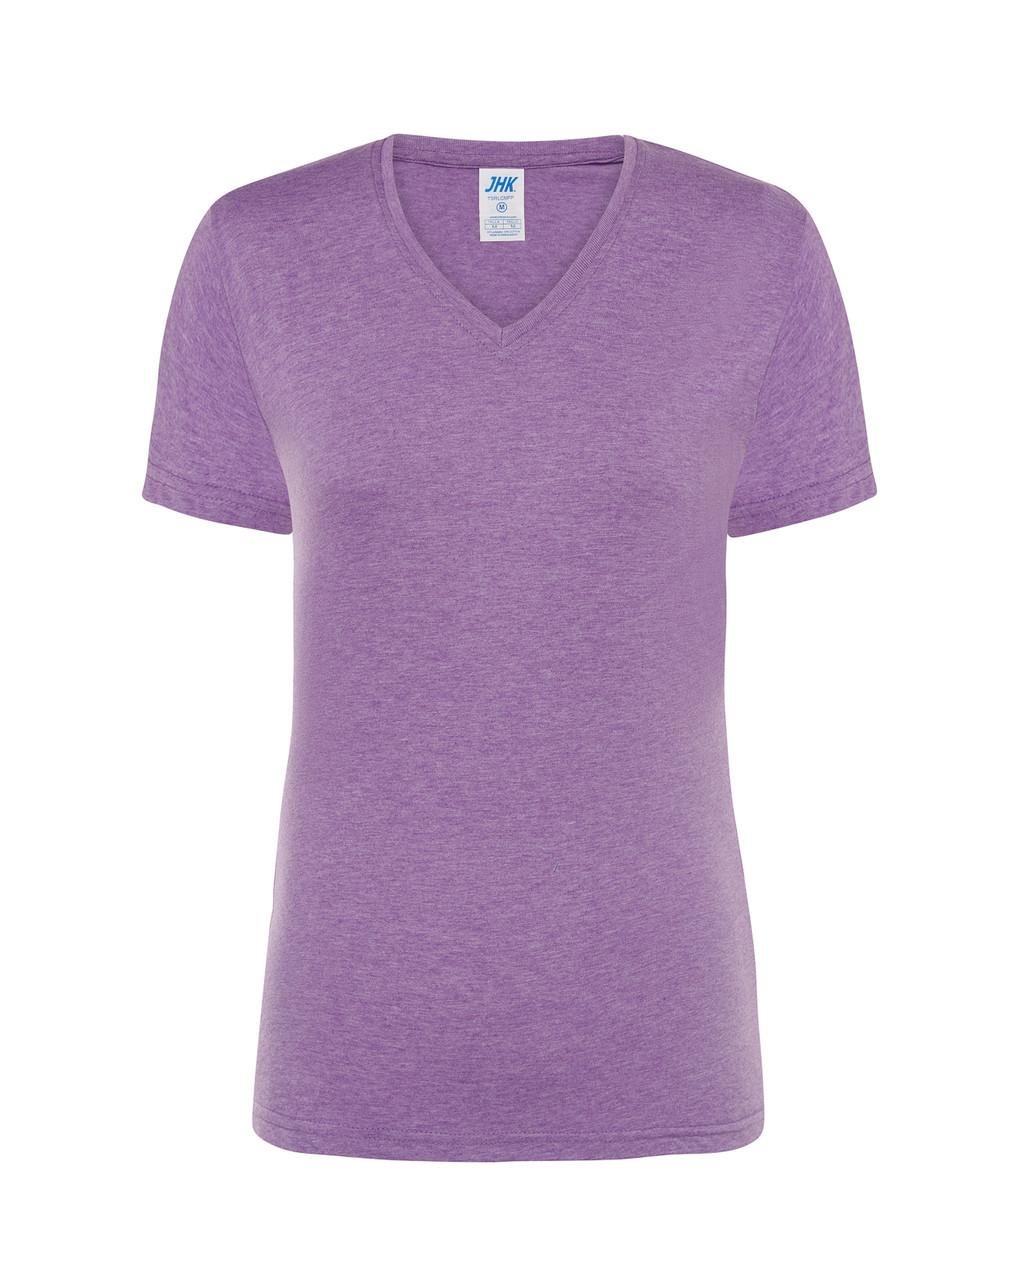 Женская футболка JHK COMFORT V-NECK LADY цвет лавандовый (LVH)